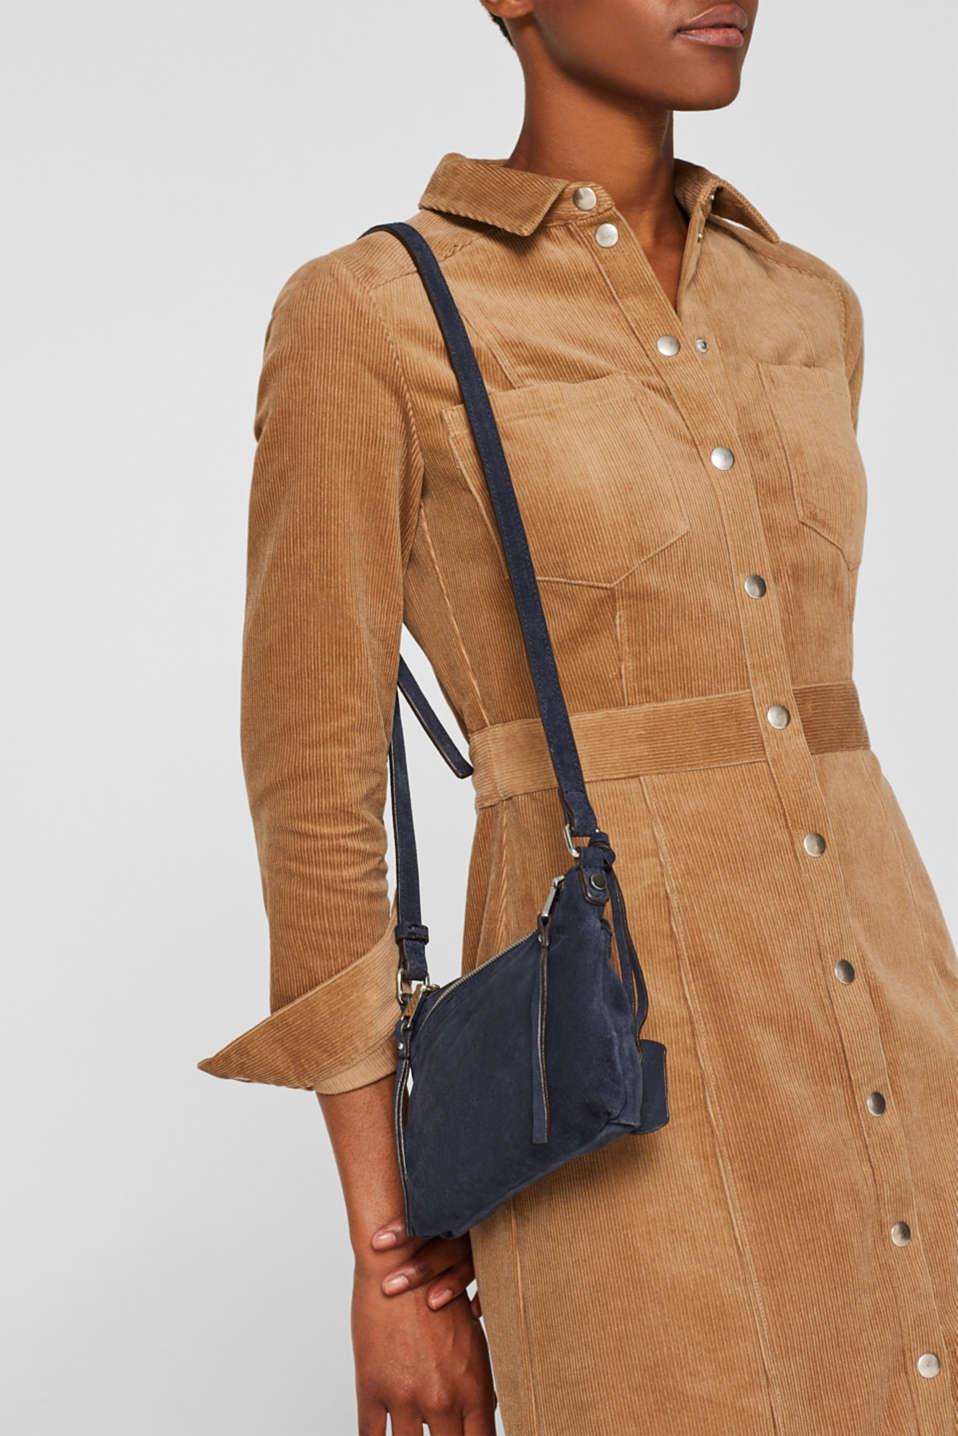 Suede shoulder bag, NAVY, detail image number 1